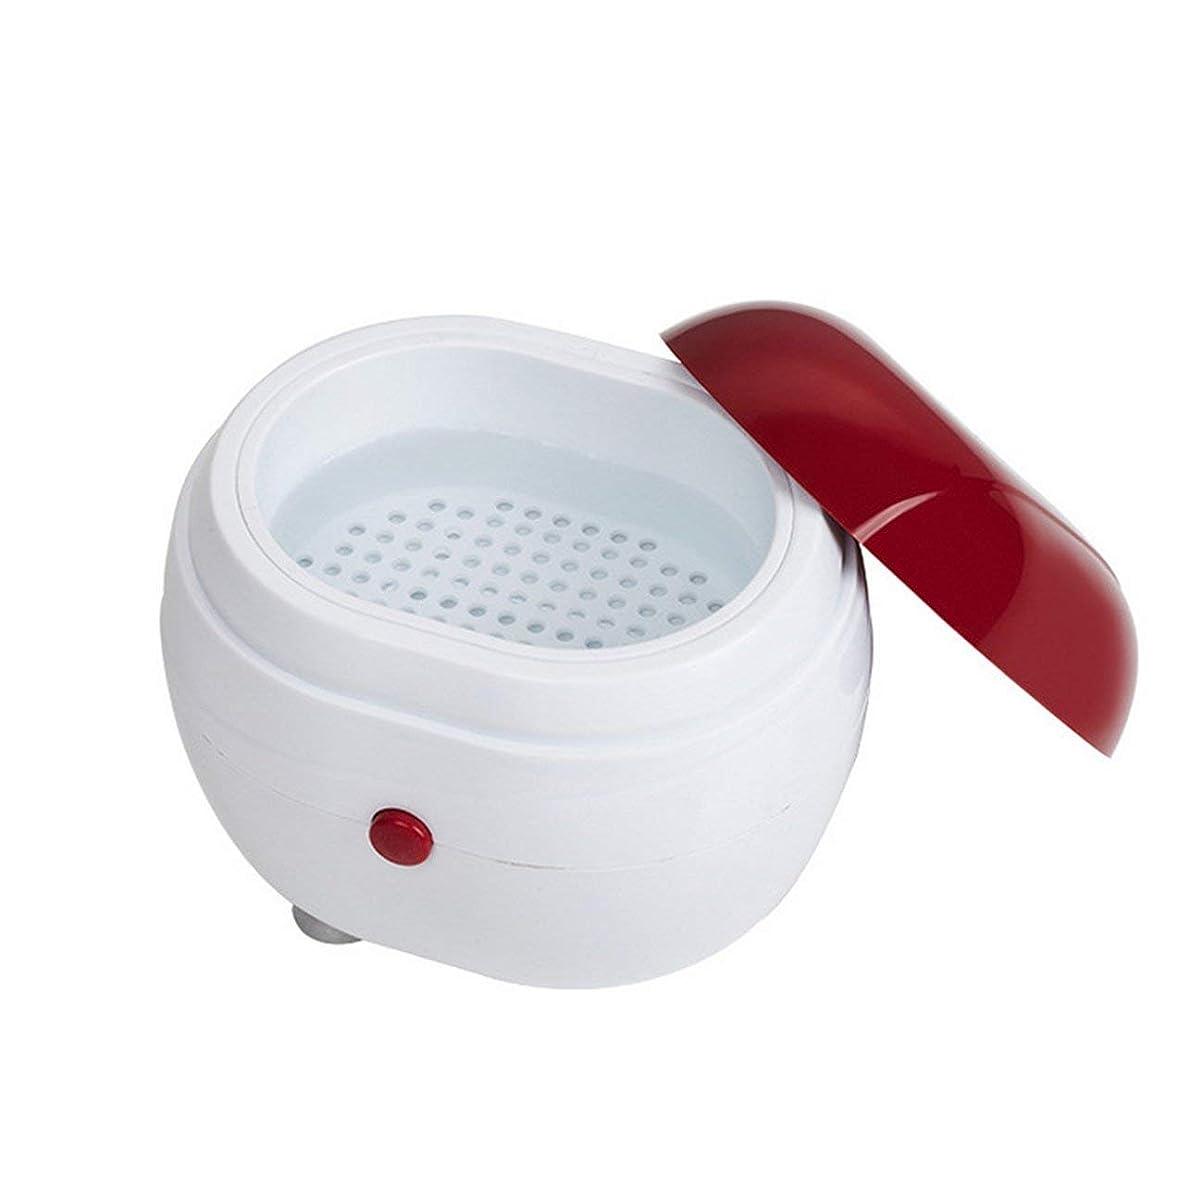 トーナメント未接続進行中DeeploveUU ポータブル洗濯機家庭用ジュエリーレンズ時計入れ歯クリーニング機洗濯機クリーナークリーニングボックス